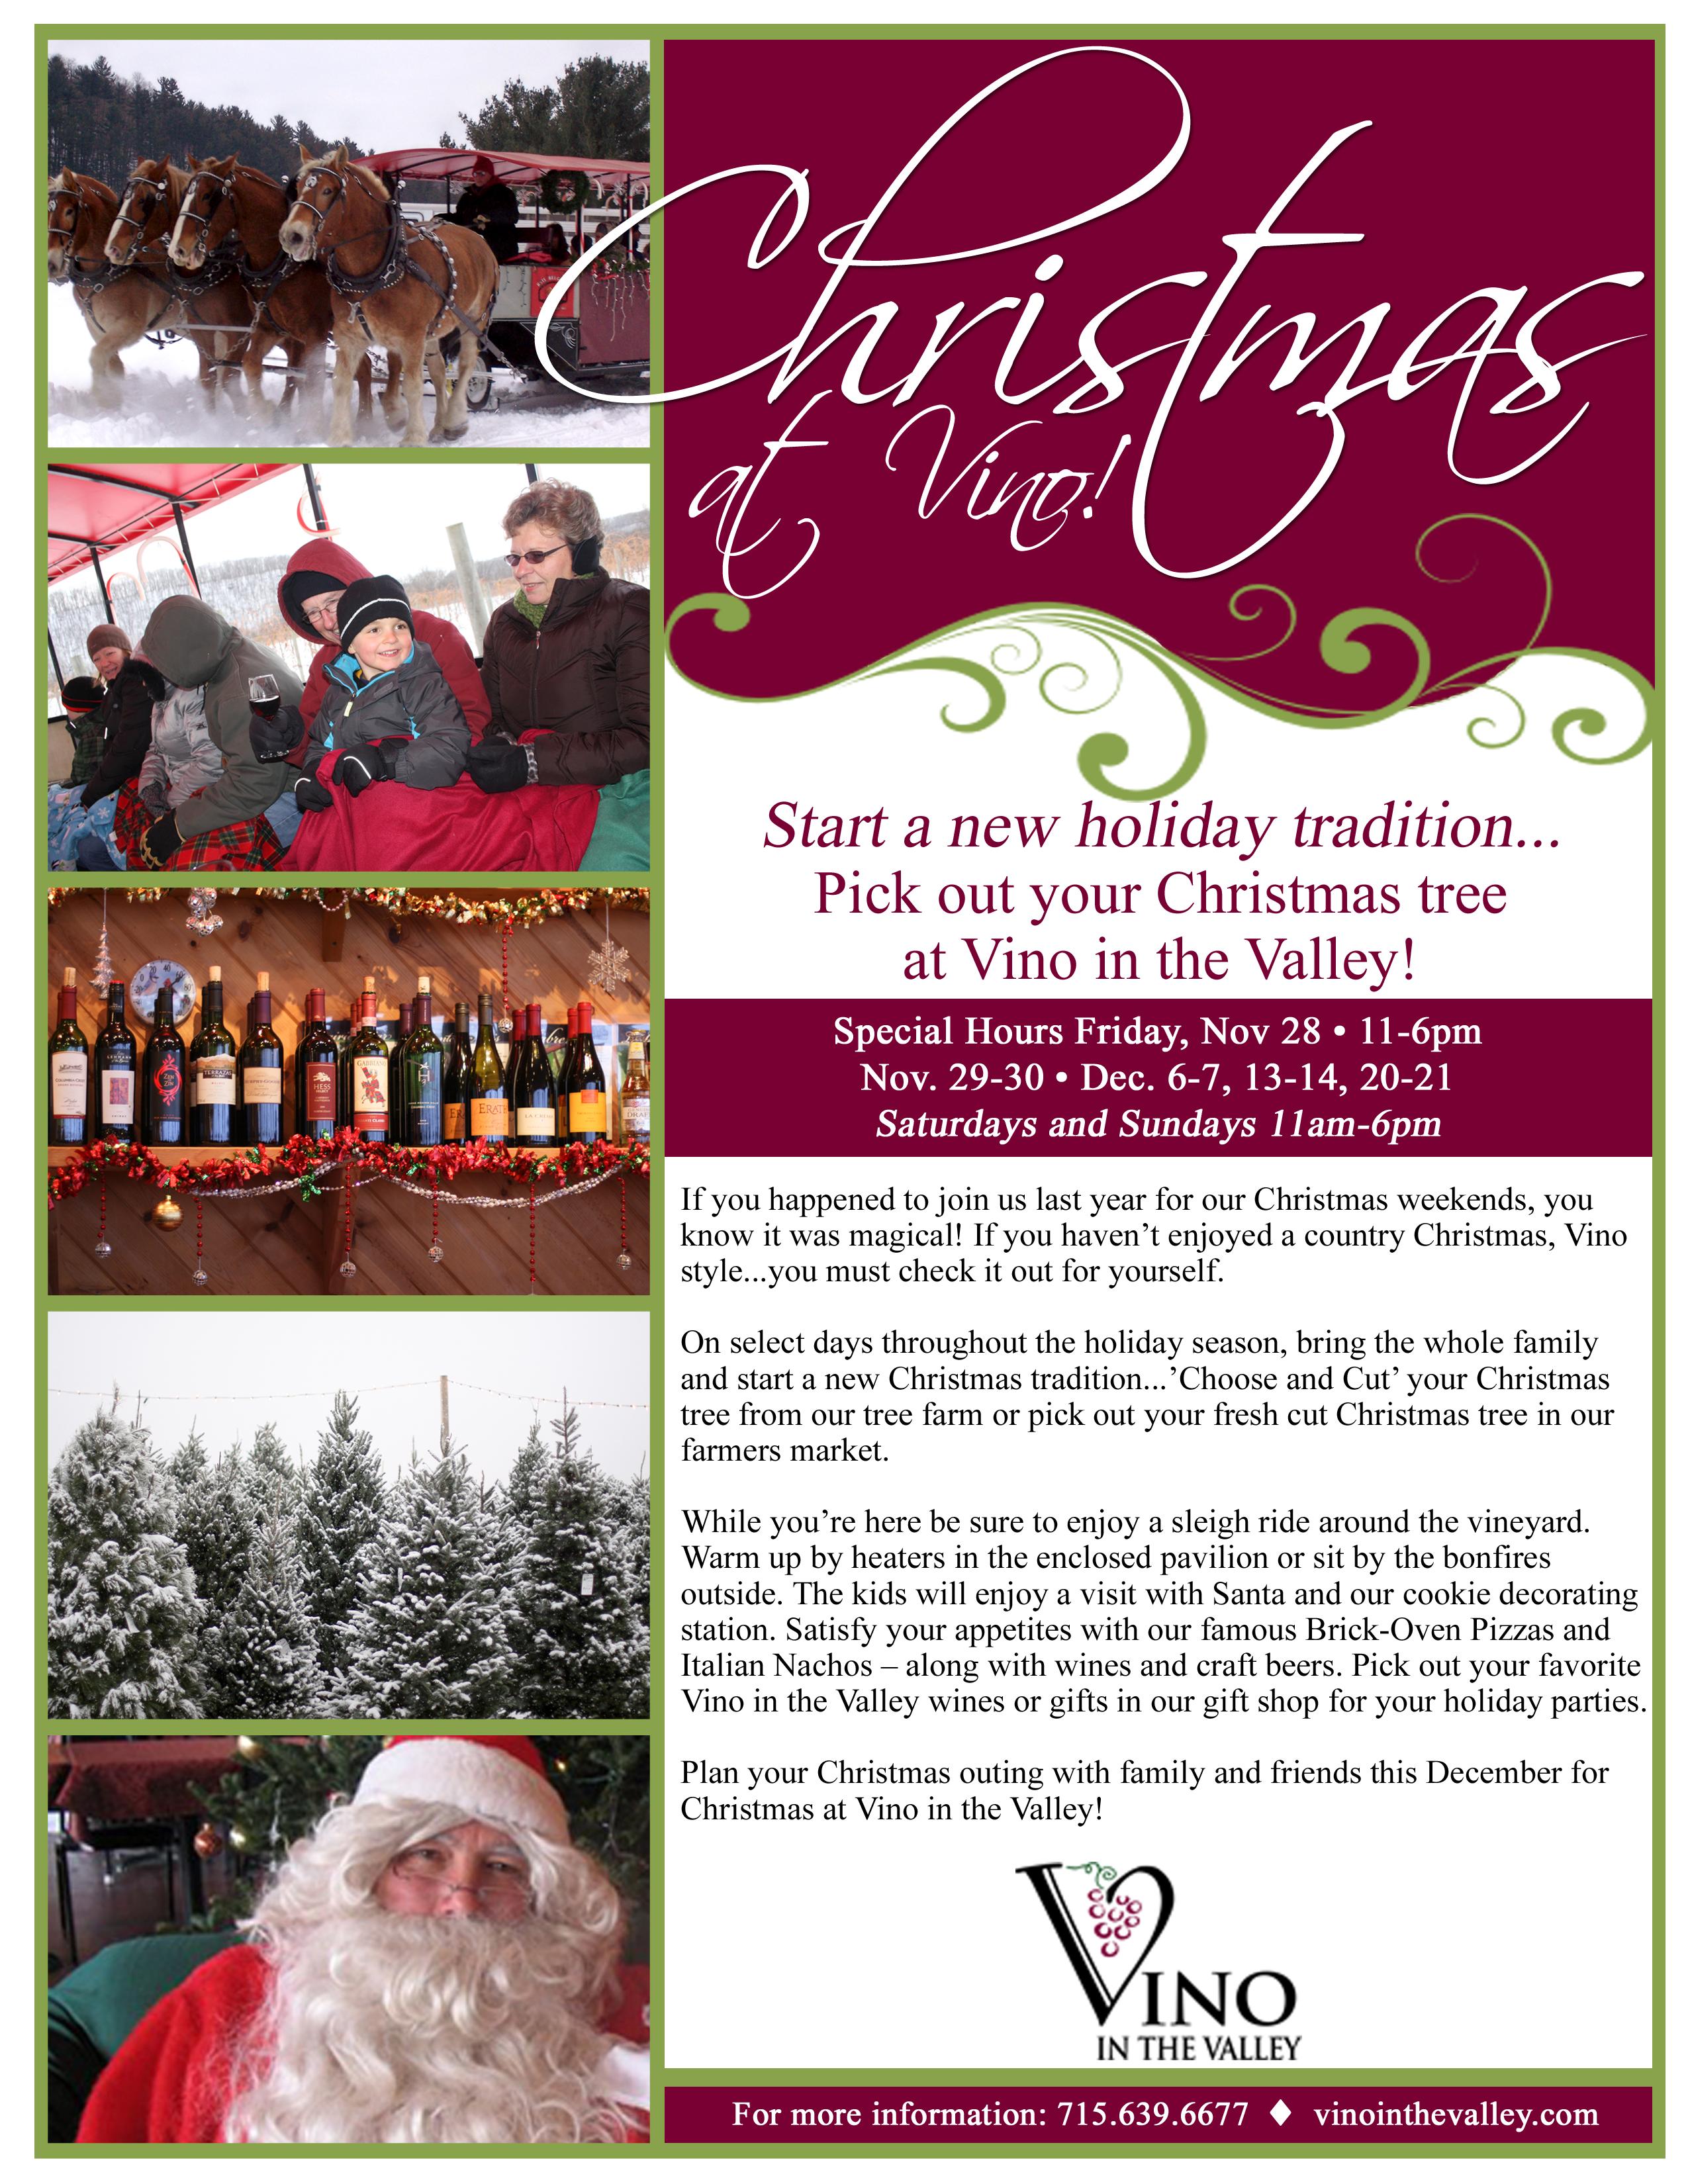 Vino in the Valley- Christmas Flyer-V2- 11-19-14